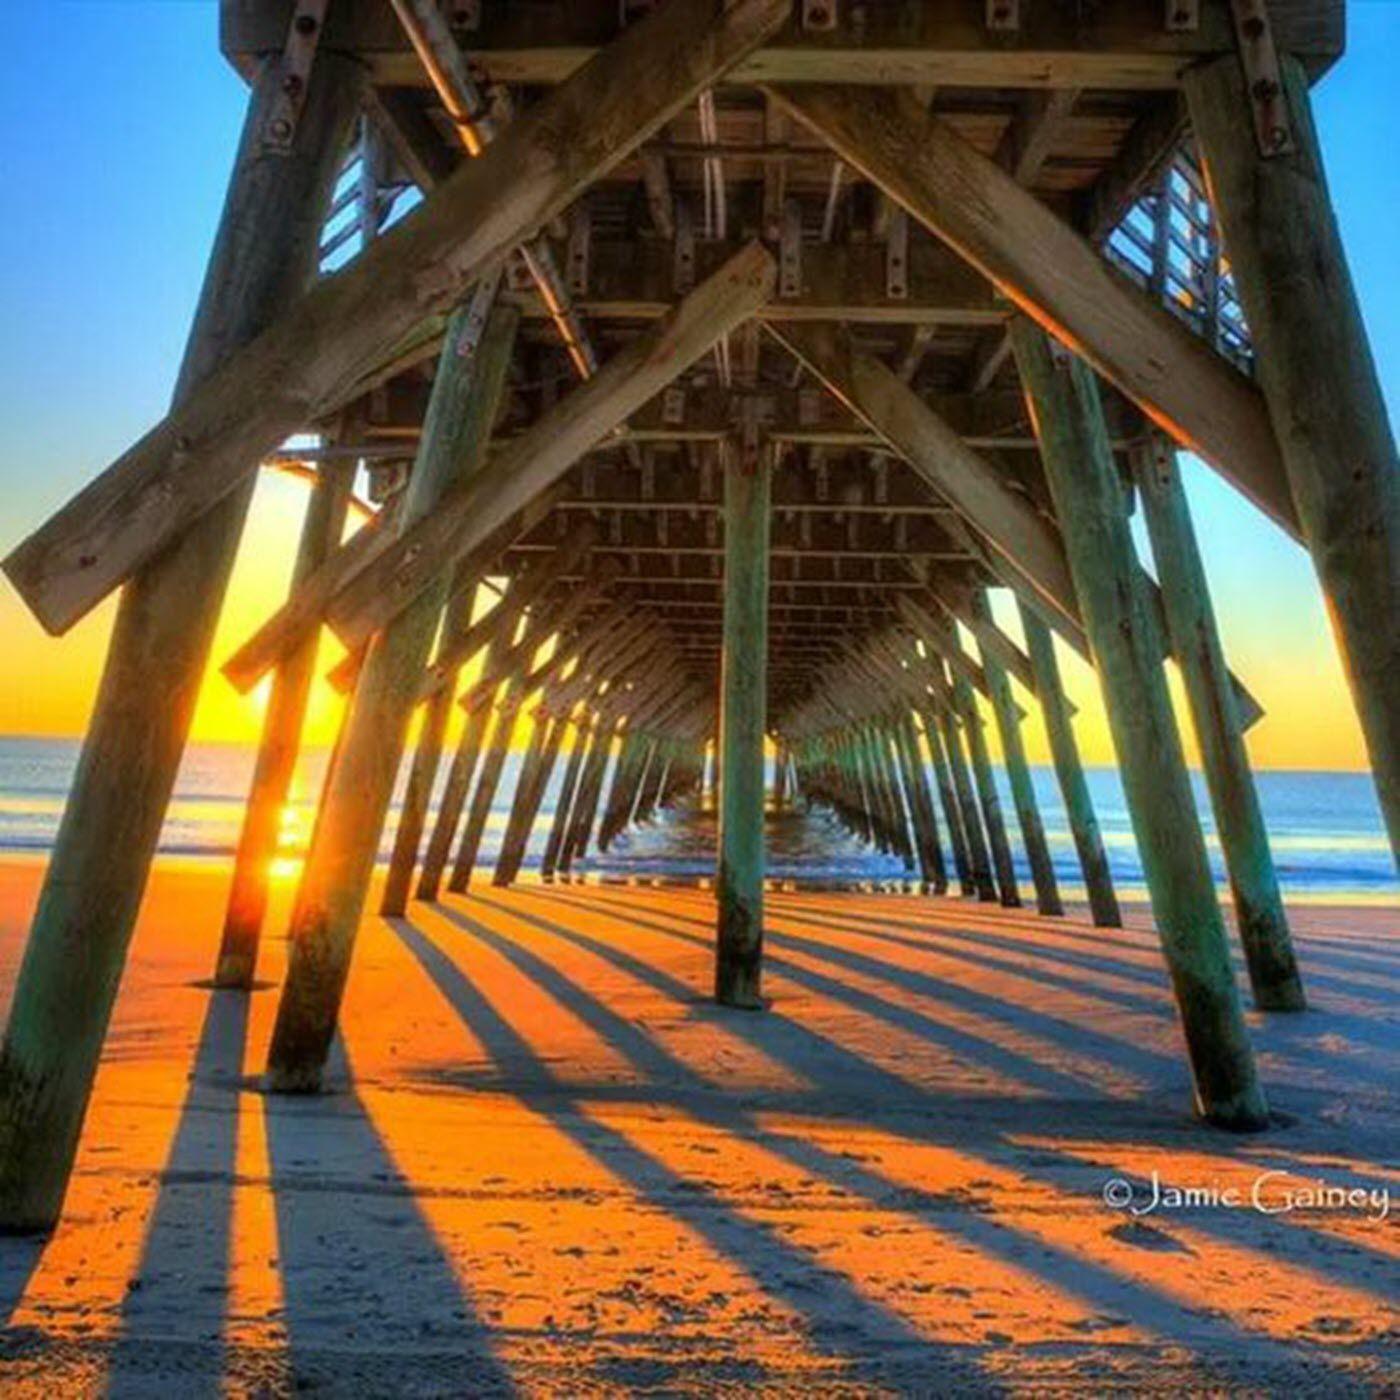 It's Fan Photo Friday in Myrtle Beach, South Carolina